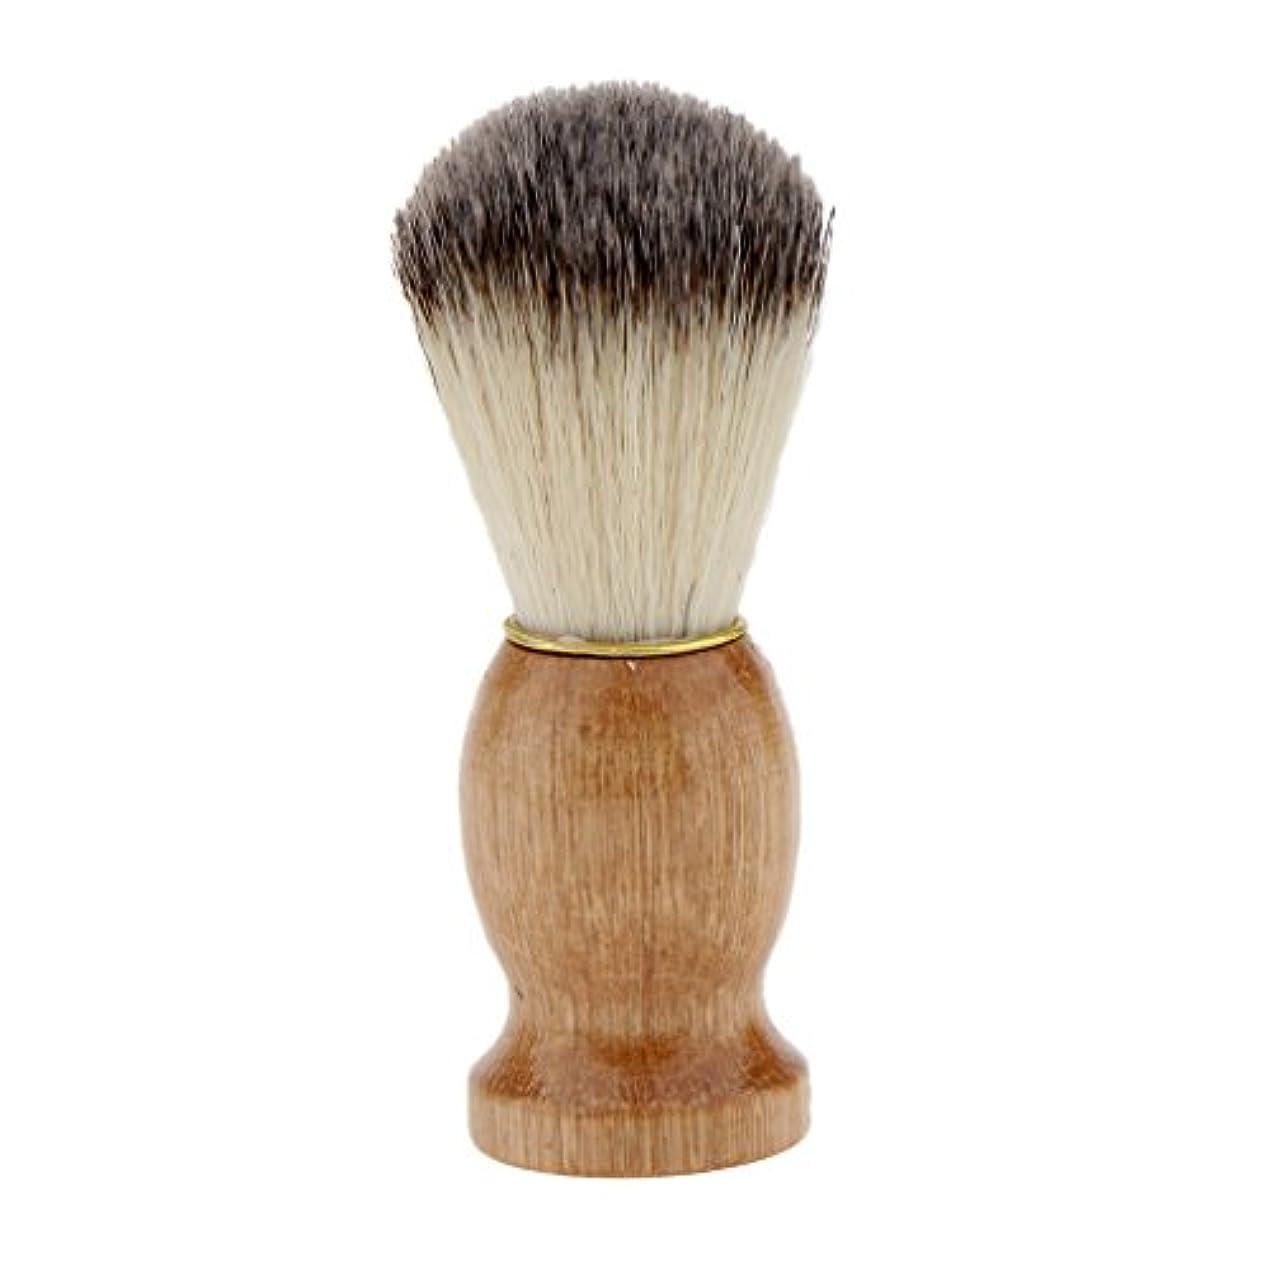 まっすぐ手がかり爆発するシェービングブラシ 理容師 シェービングブラシ ひげ剃りブラシ コスメブラシ 木製ハンドル